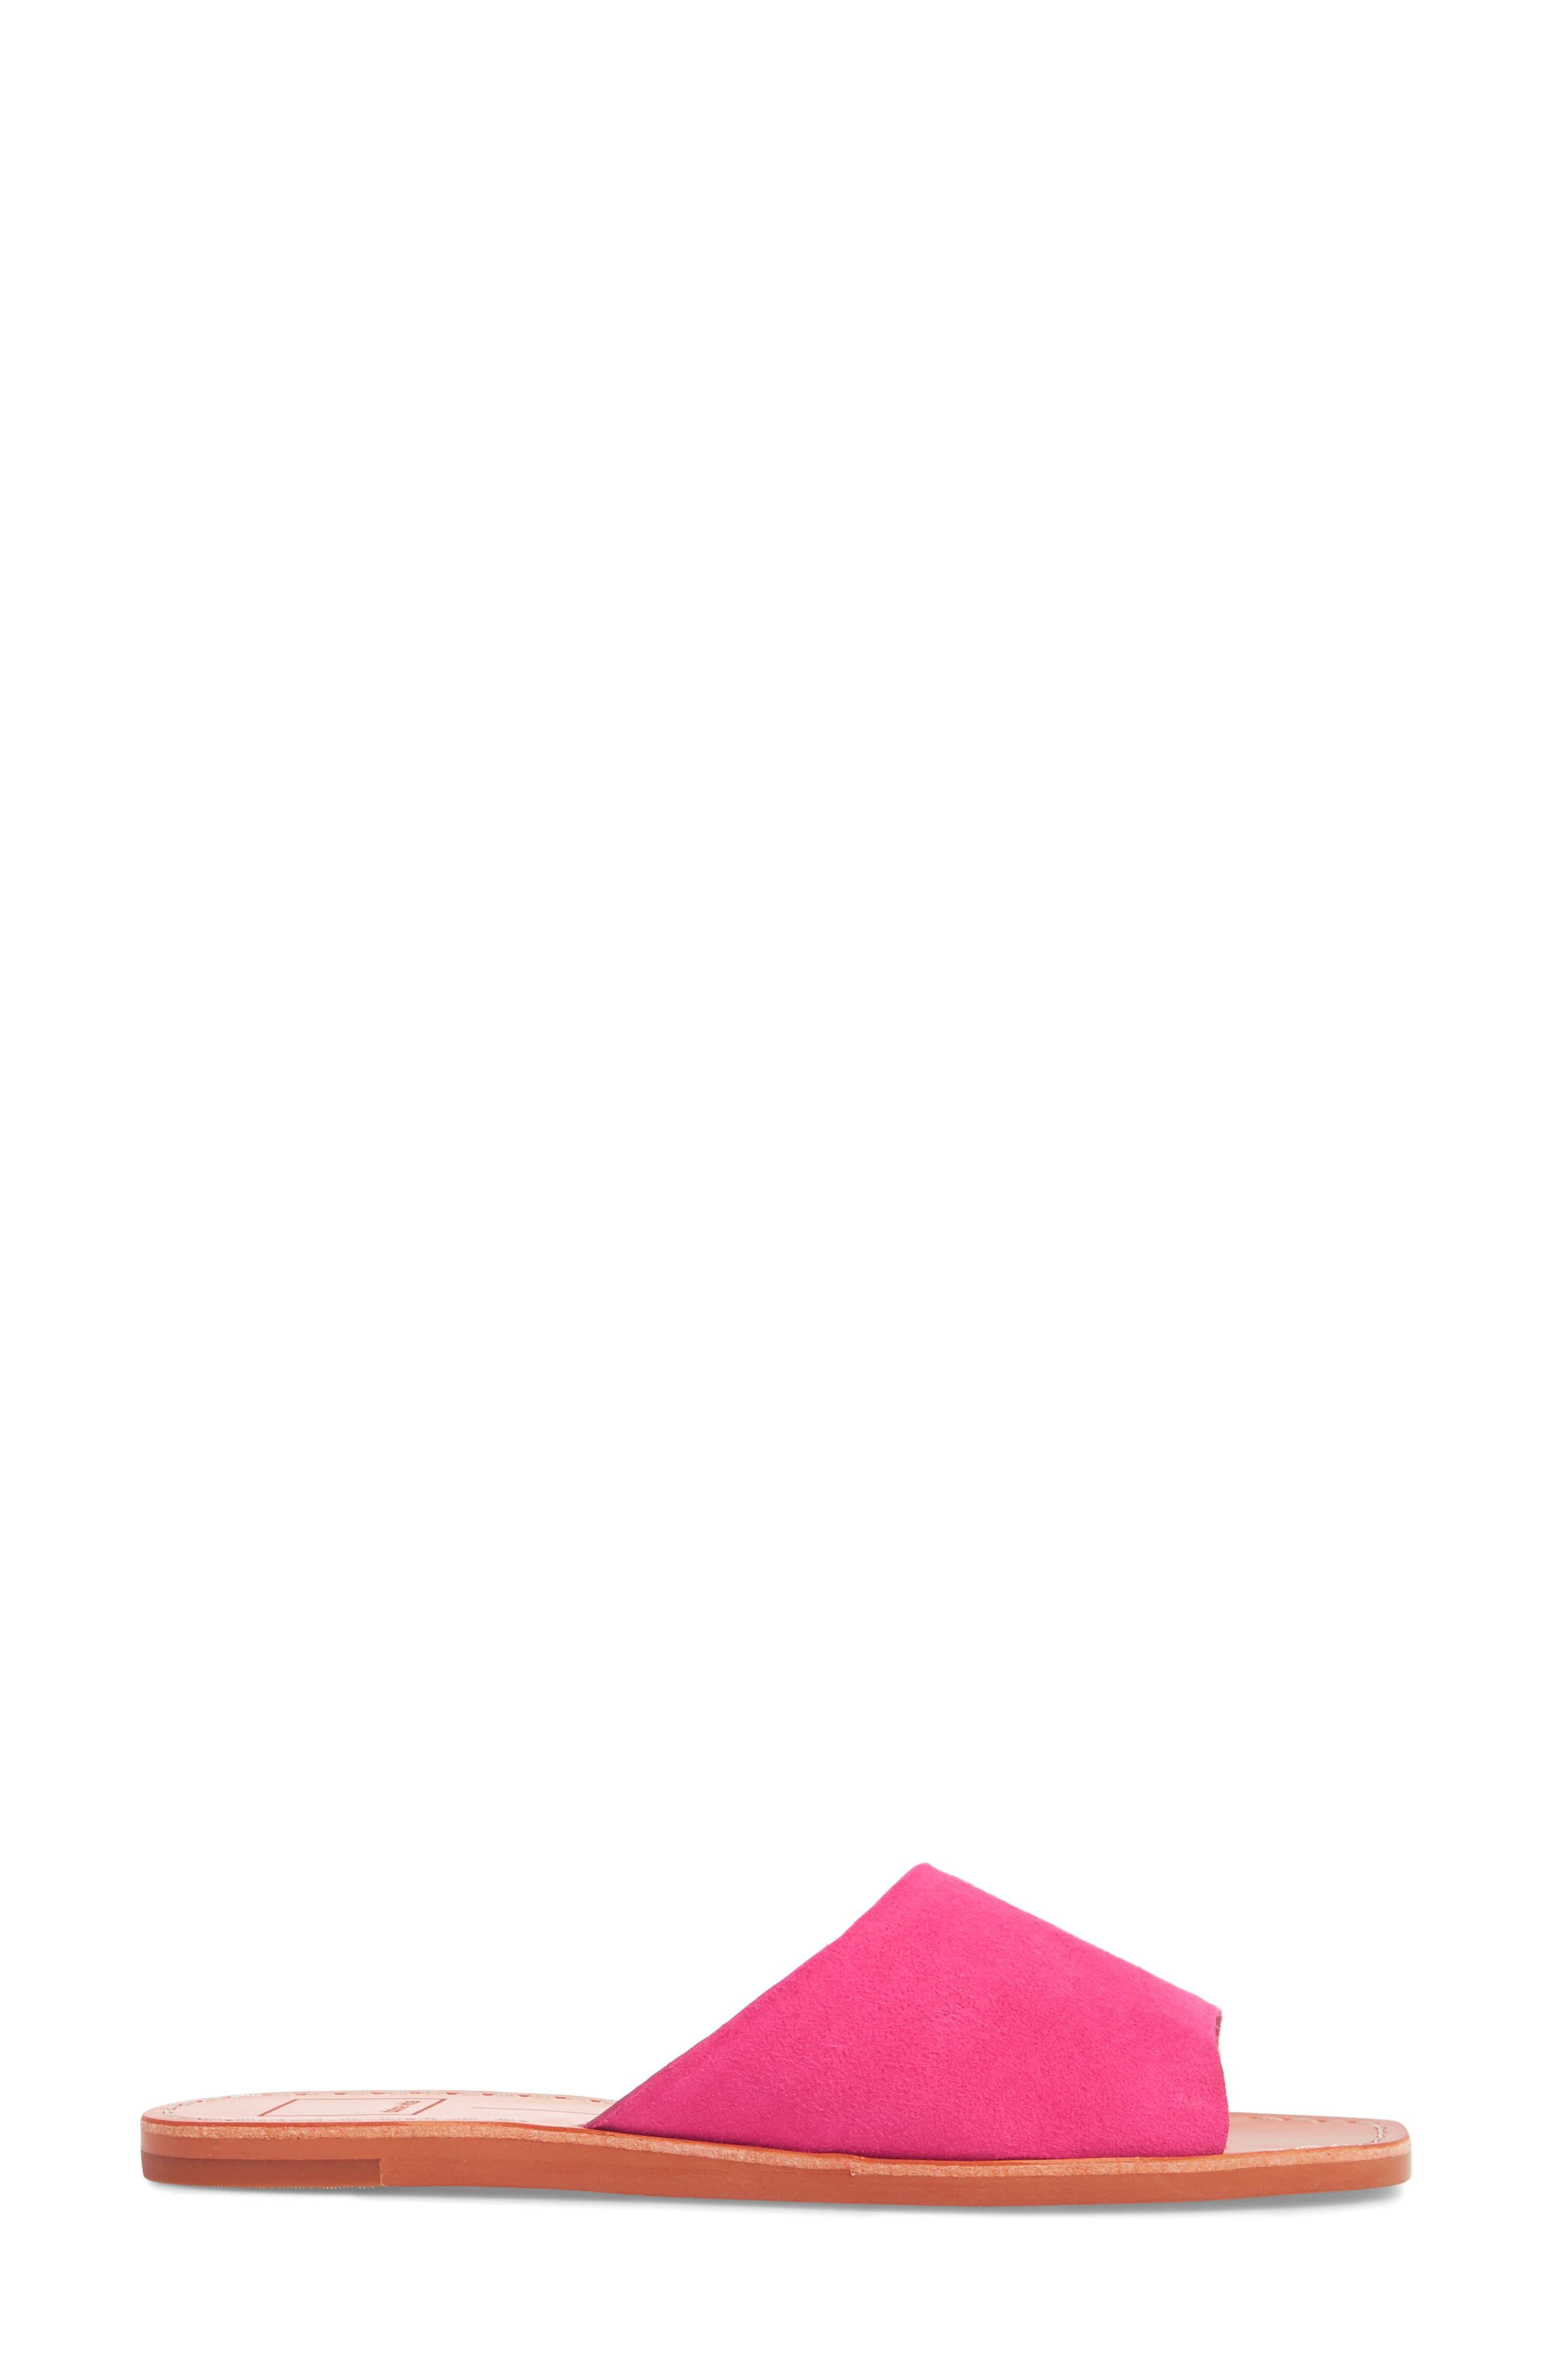 Cato Asymmetrical Slide Sandal,                             Alternate thumbnail 19, color,